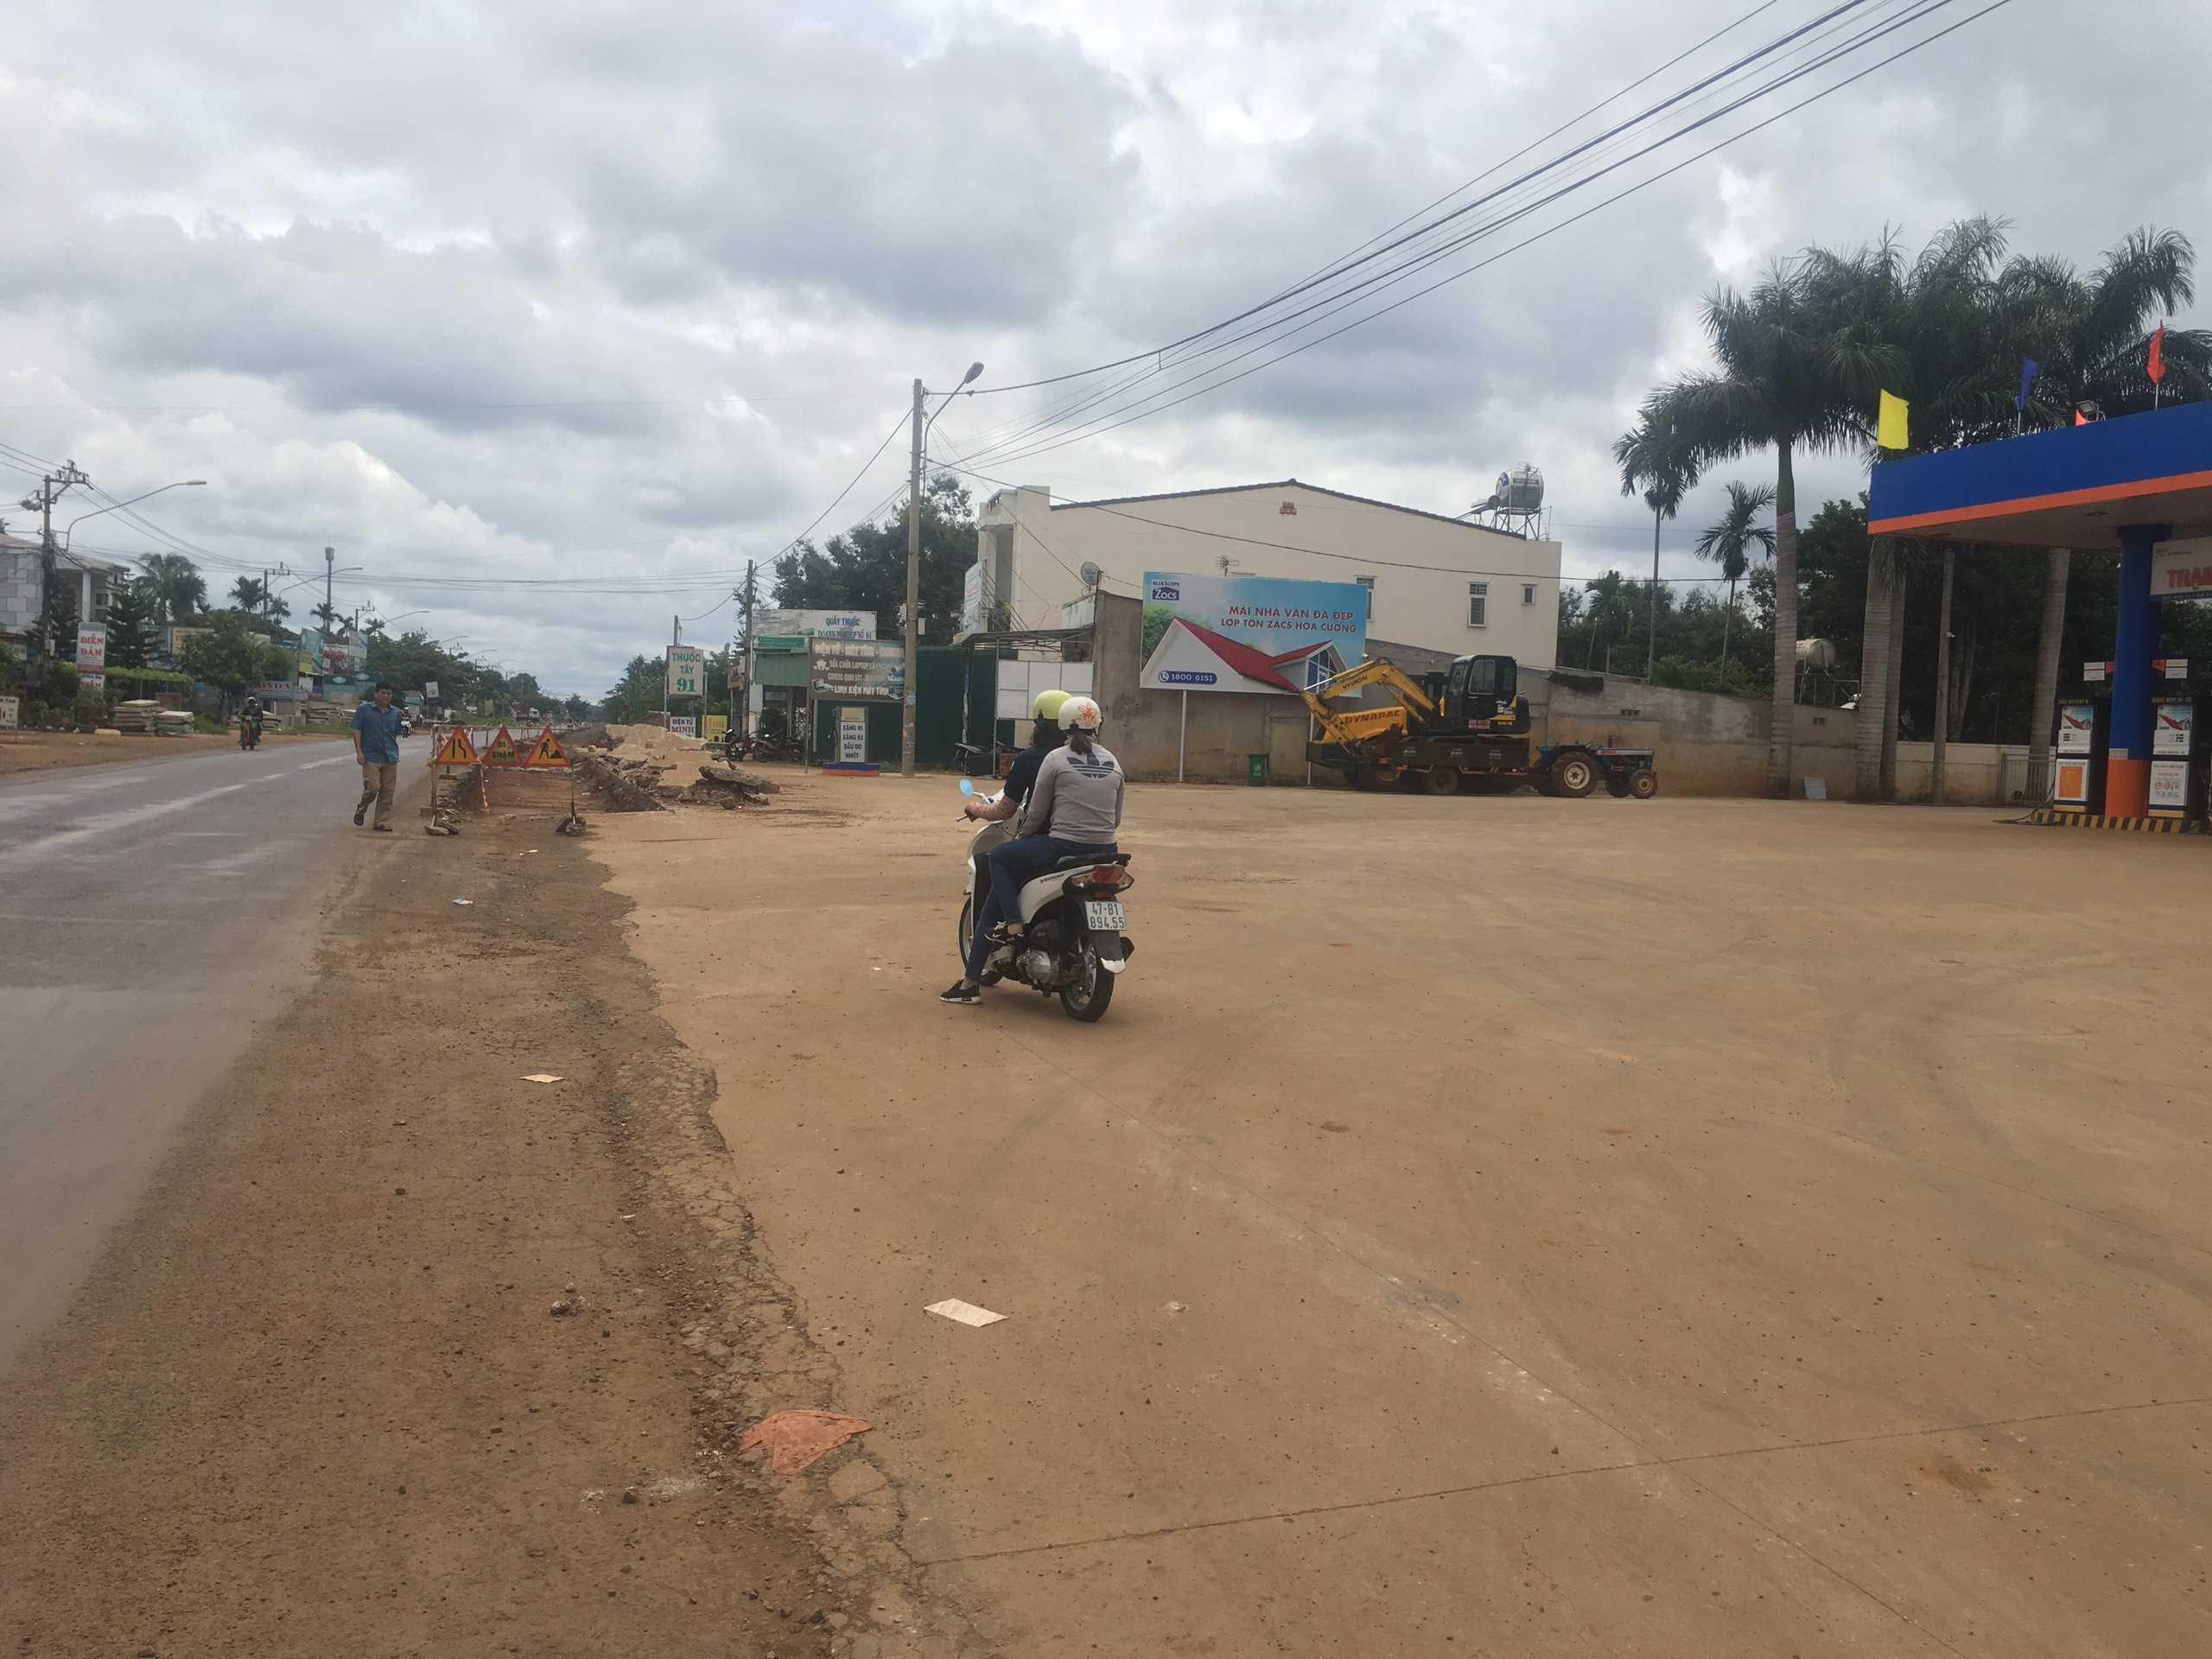 Quảng cáo CHXD Đức Thành, km 12, xã Ea Tu, Tp. Buôn Ma Thuột, Đắk Lắk - vị trí 1 biển trụ nhỏ cạnh tường rào